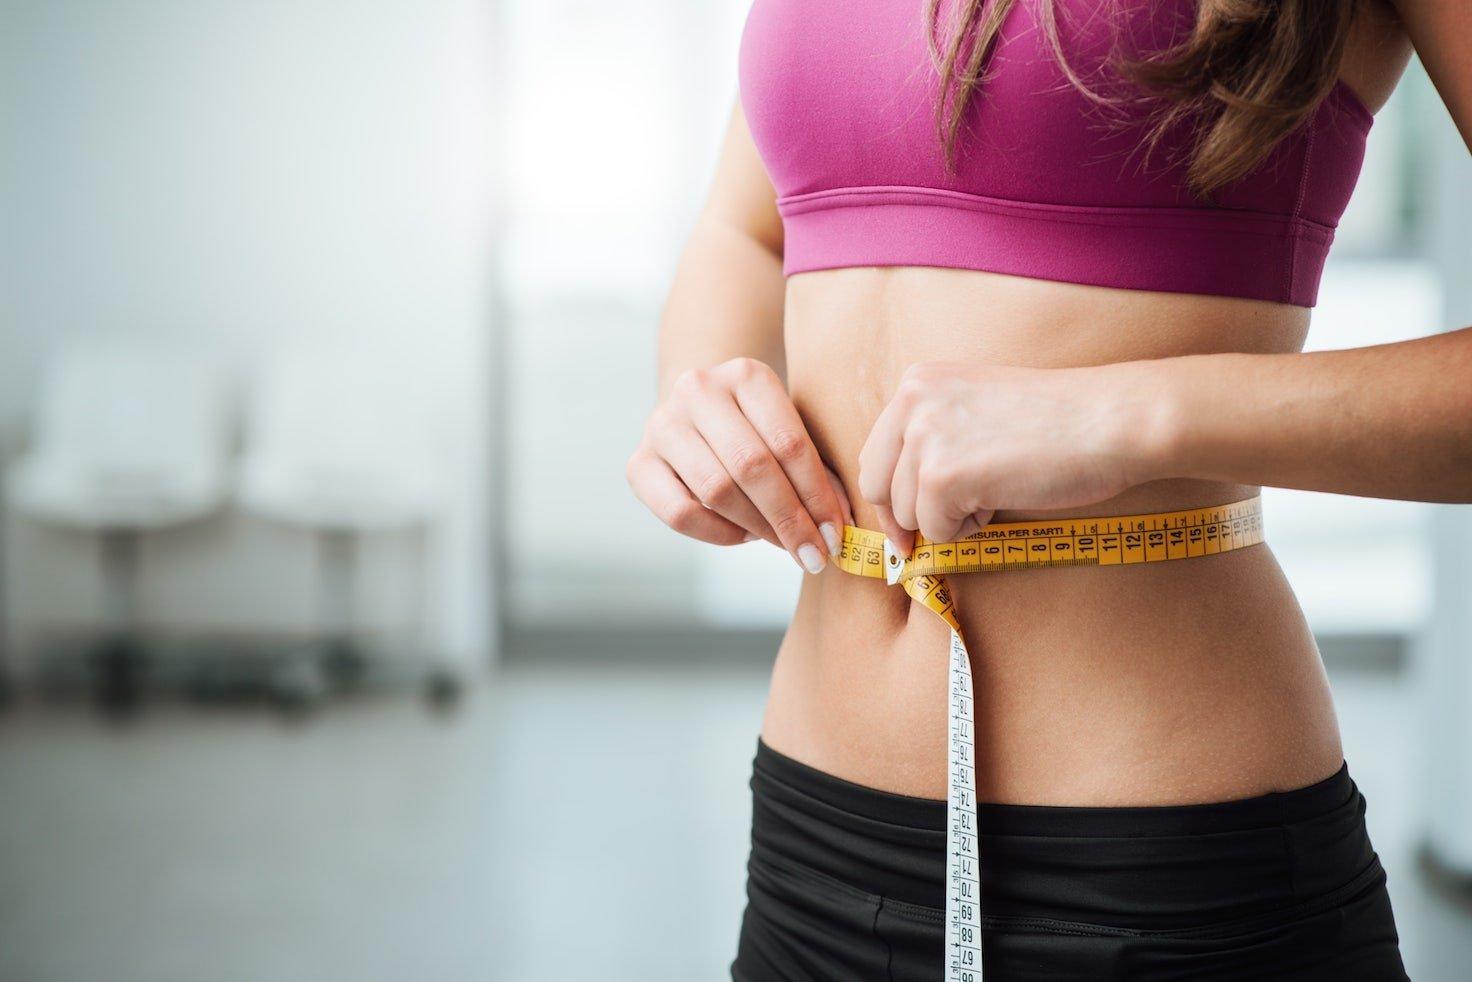 Waarom ik geen calorieën tel | Persoonlijk | Healthy Wanderlust